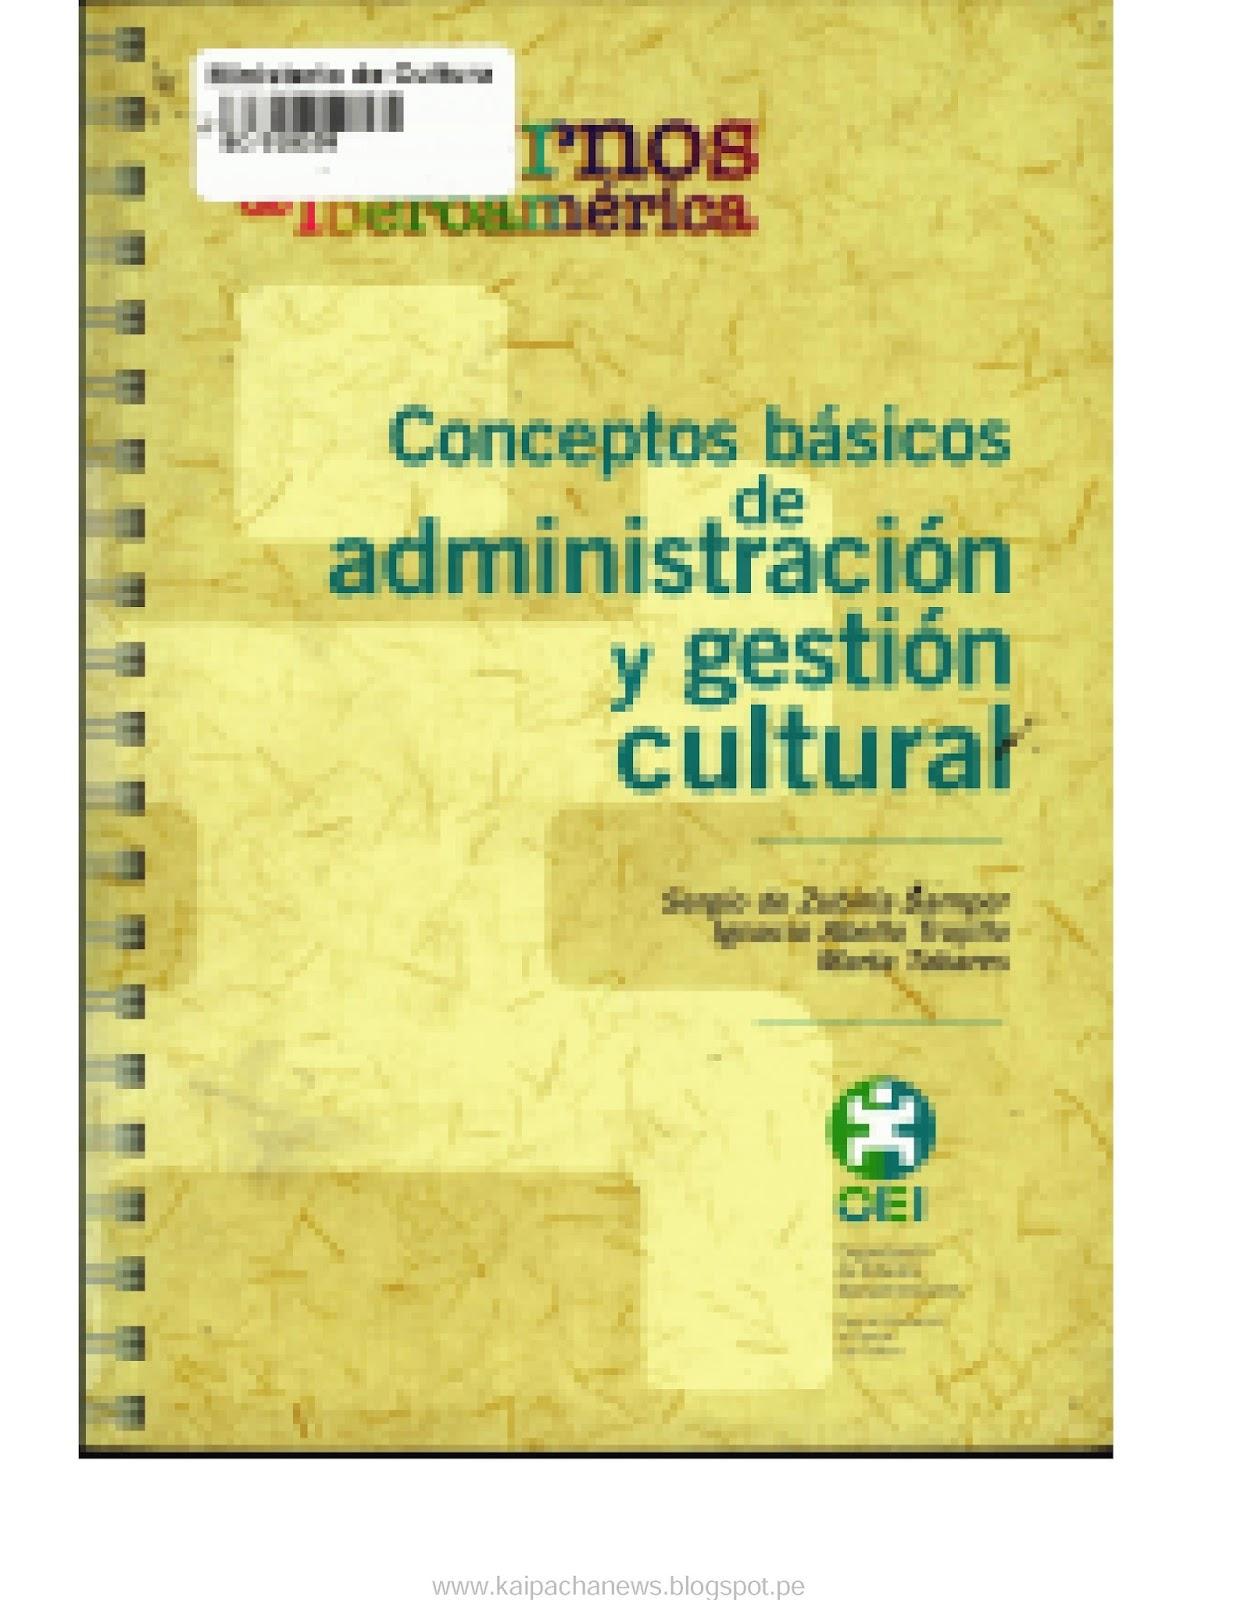 Conceptos básicos de administración y gestión cultural